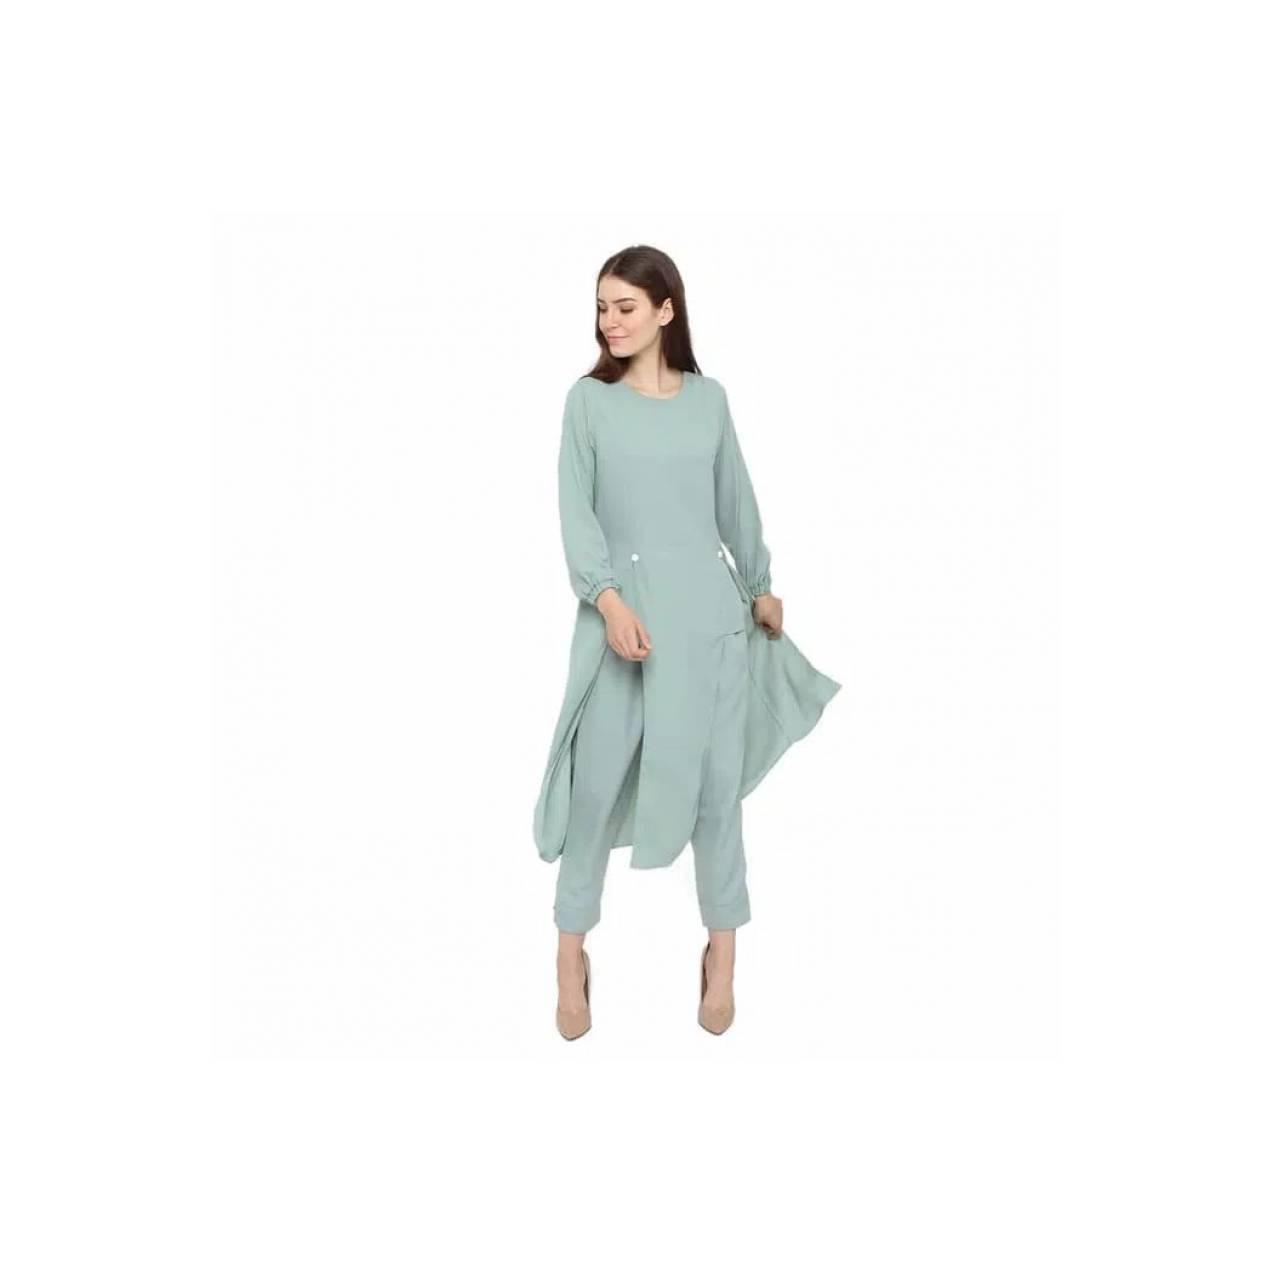 Pakaian Wanita JS 2LLS26 Busana Muslim Setelan Celana Baju Gamis